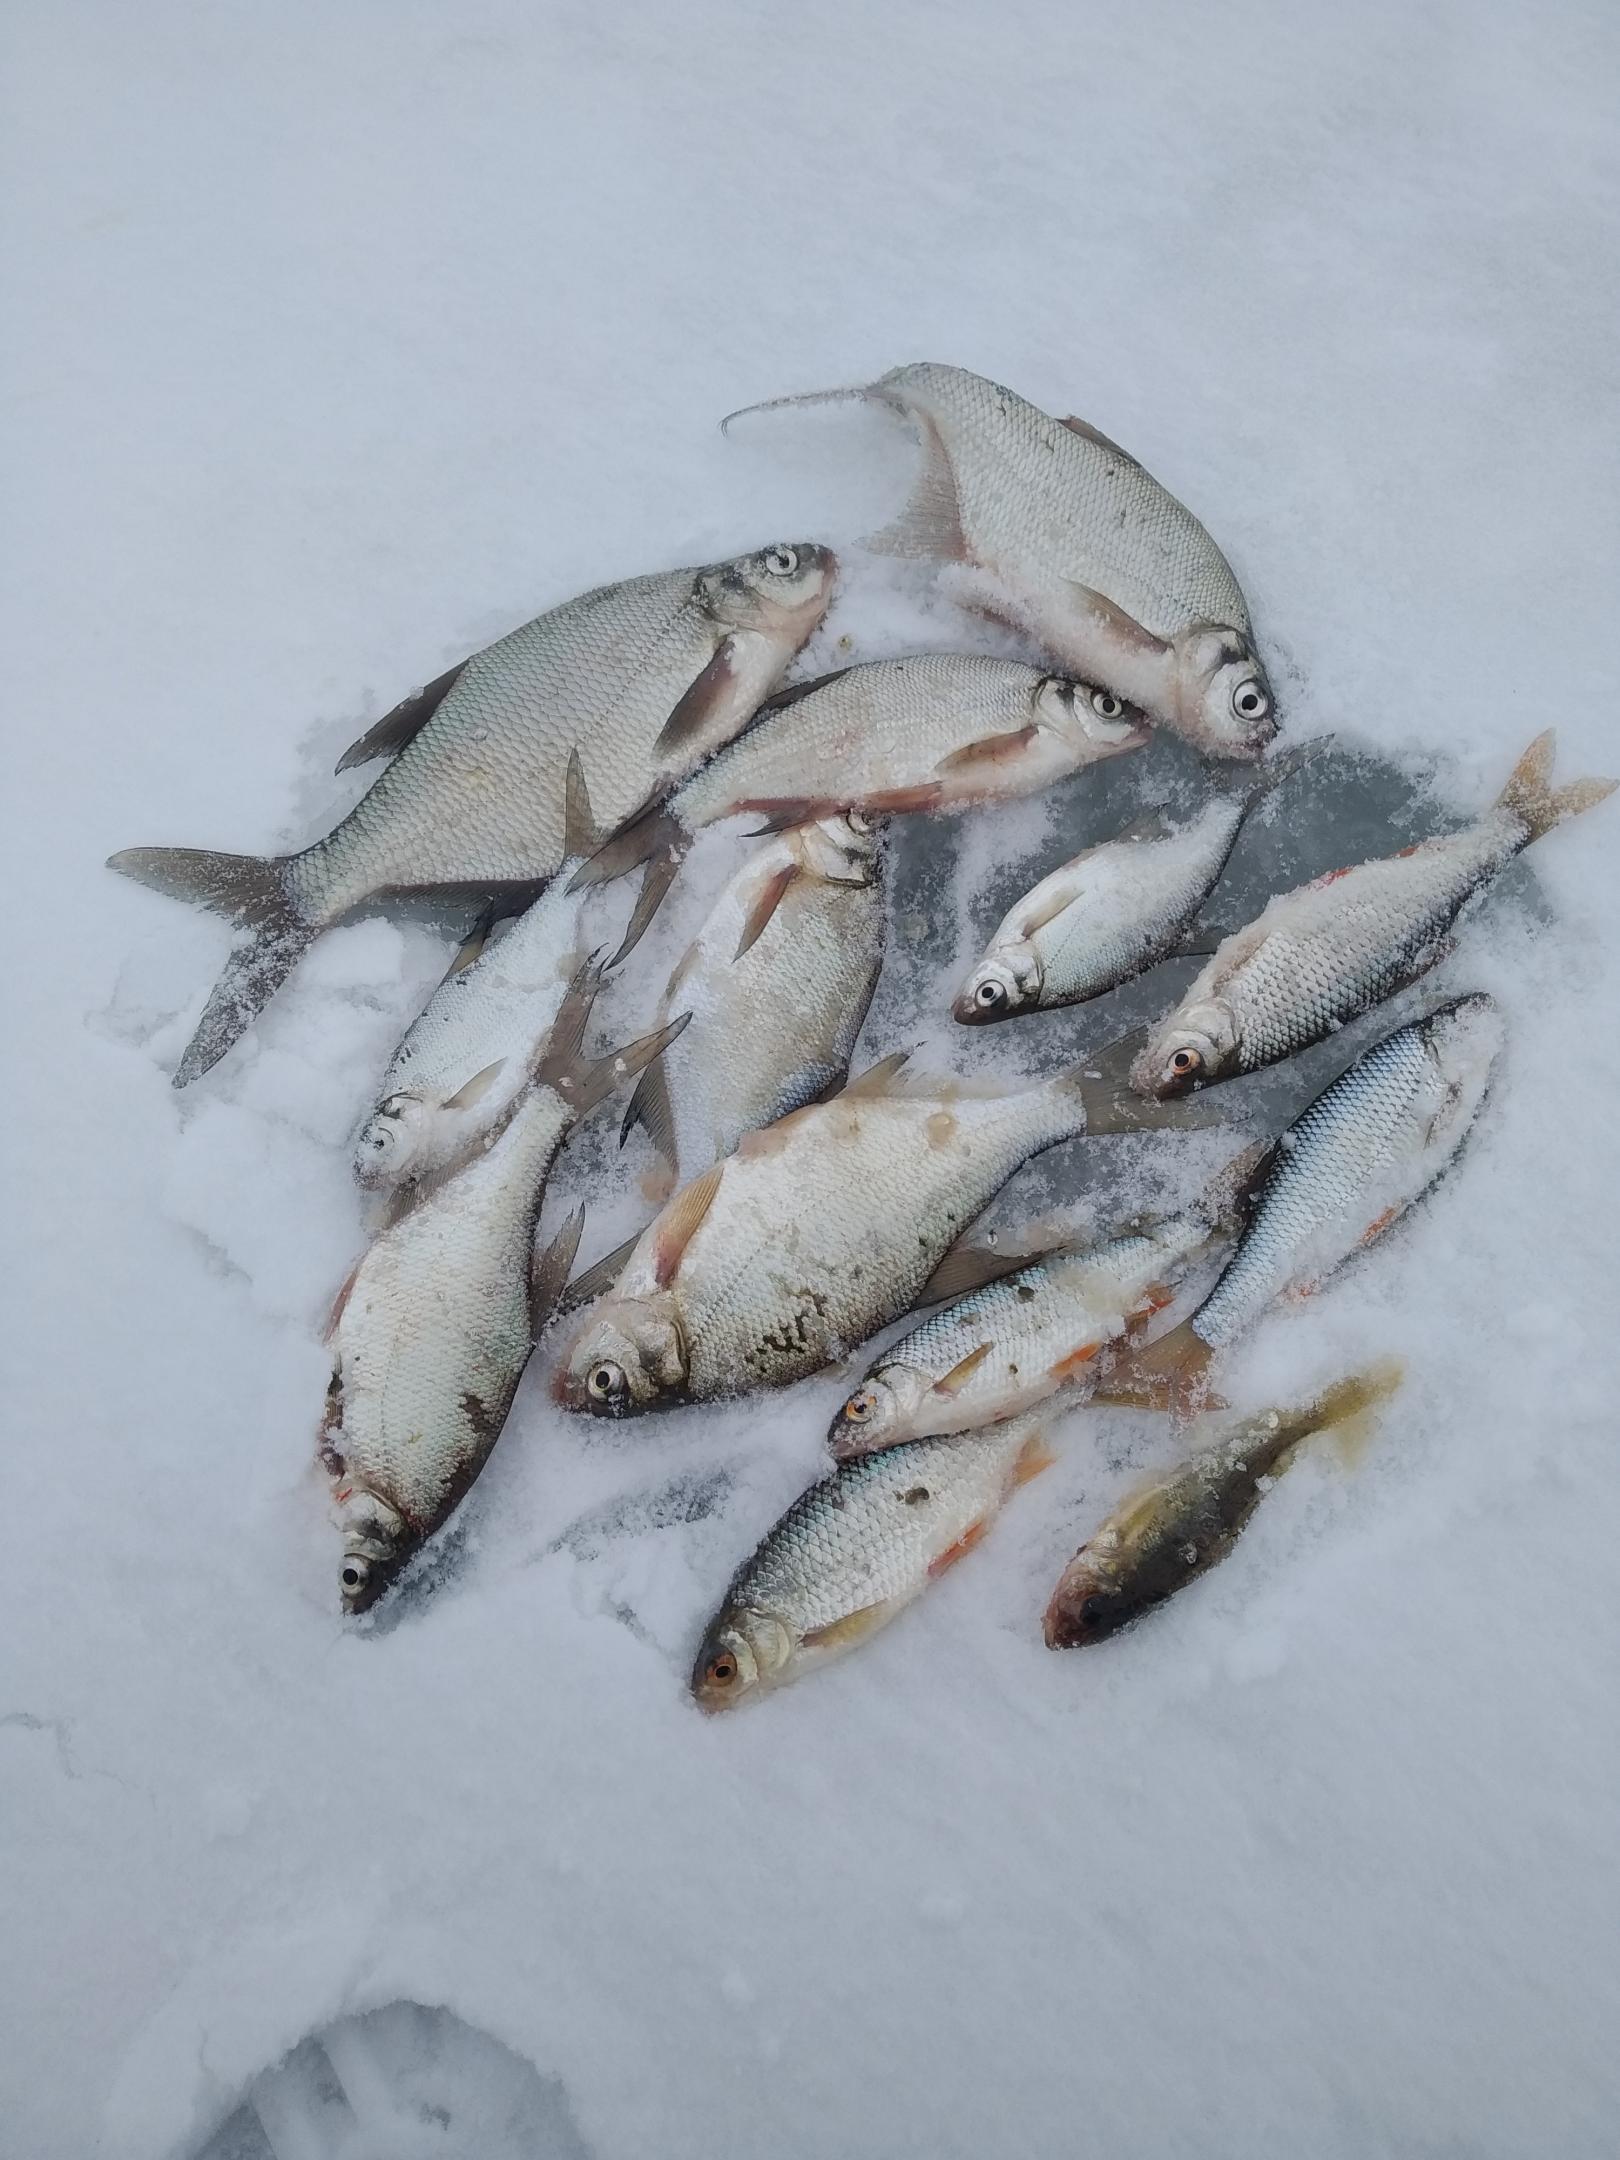 Были сегодня вместе с сыном. Других задач не ... | Отчеты о рыбалке в Беларуси